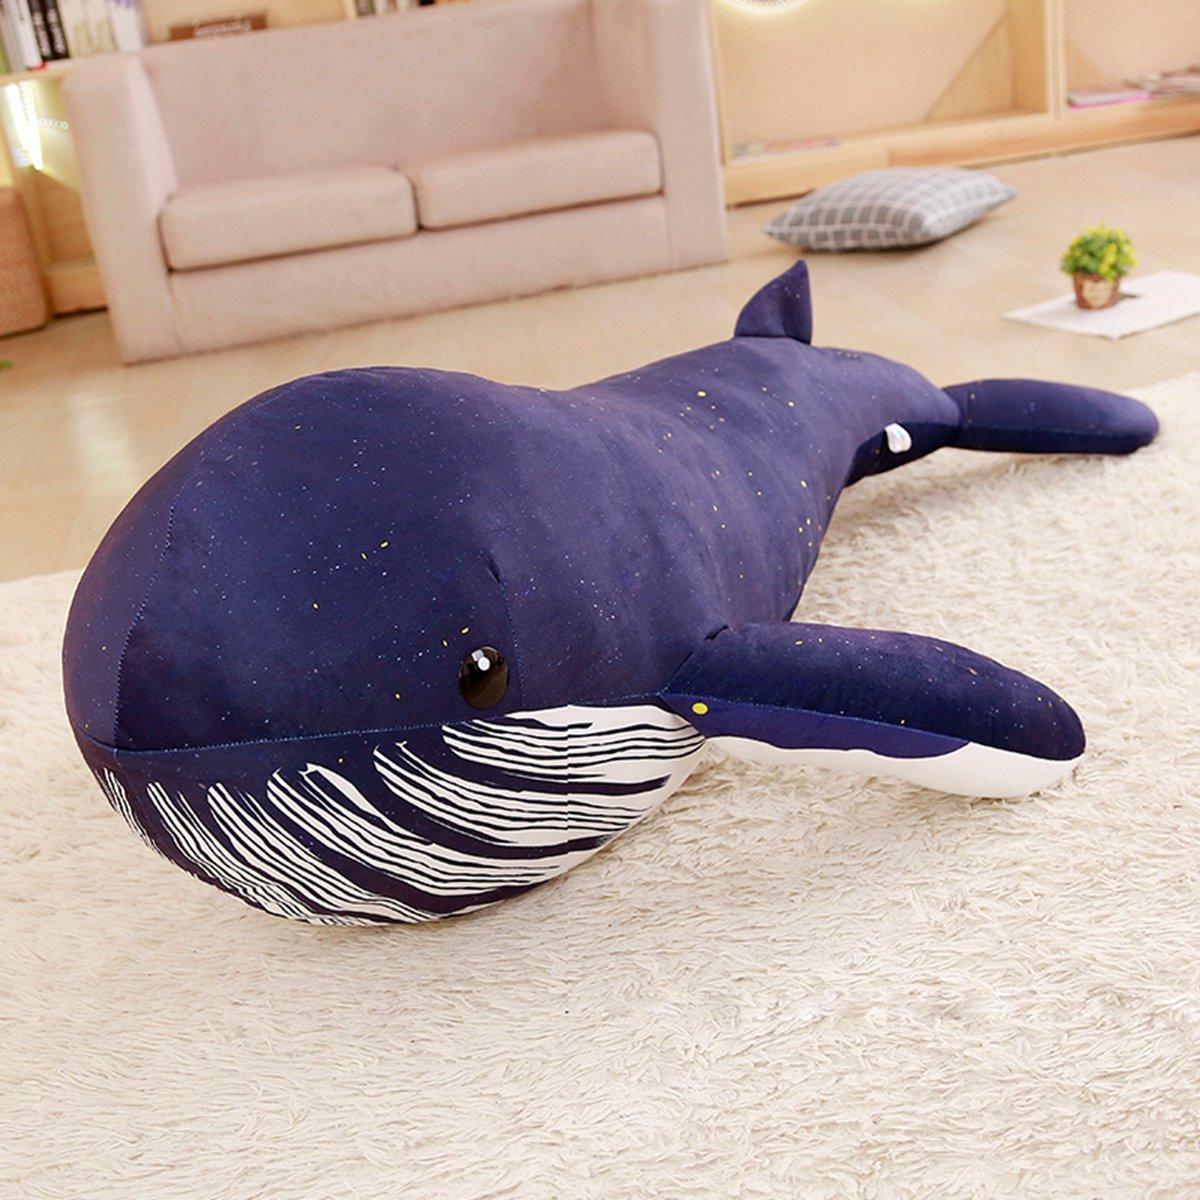 1,25 Meter BAONZEN Cartoon Walhai Puppy Spielzeug Wal große Rag Puppenkissen große Hai Blauwal Kind Kissen Puppe, Spielzeug. Dunkelblauer Gedruckter Walhai, 1,25 Meter